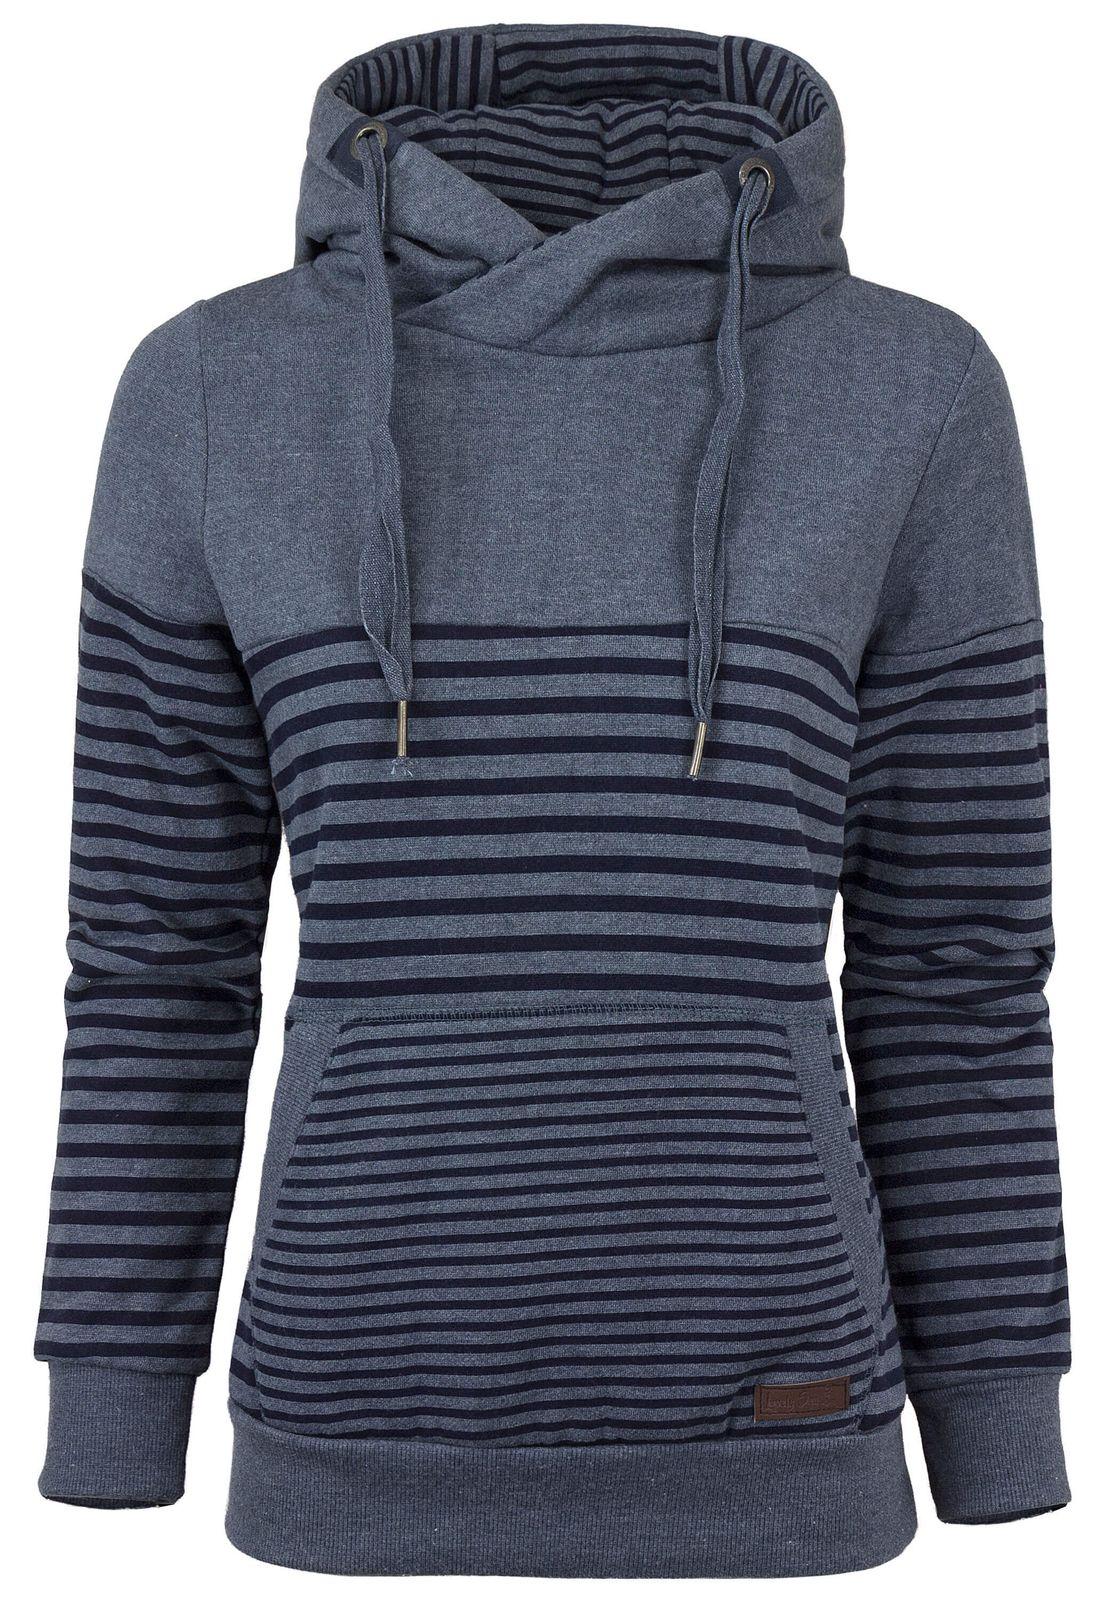 1158d9d262ceb0 Sweater   Pullover günstig im Online Shop   Outlet 46